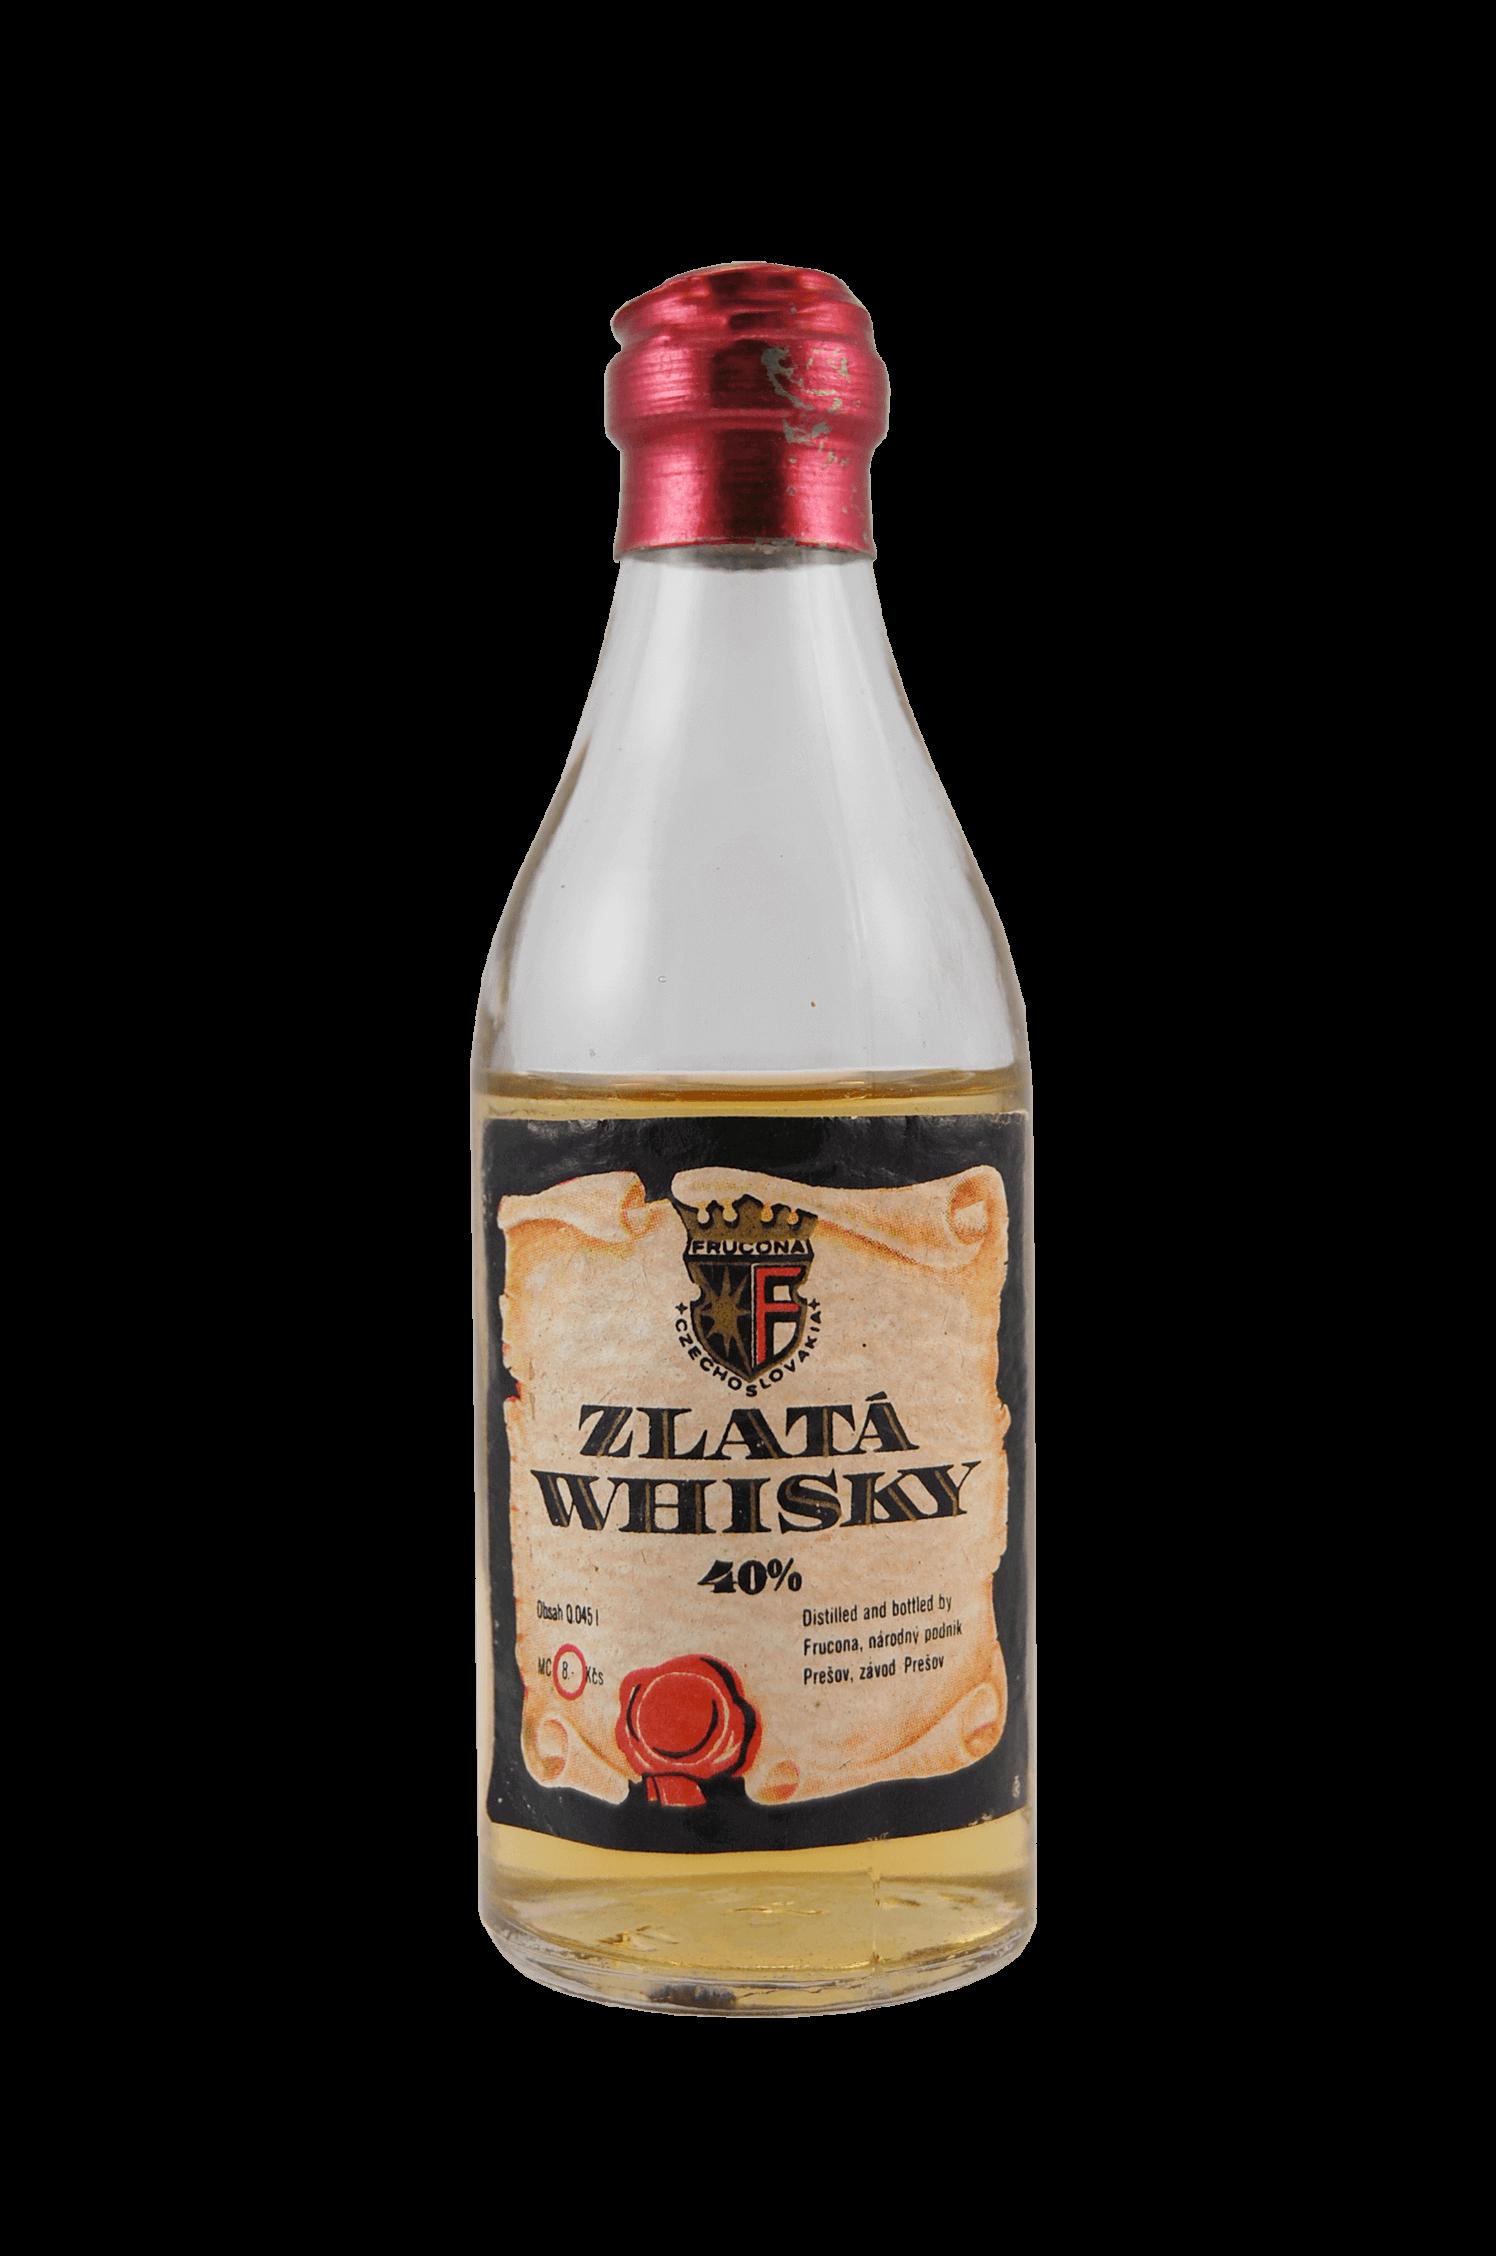 Zlatá Whisky